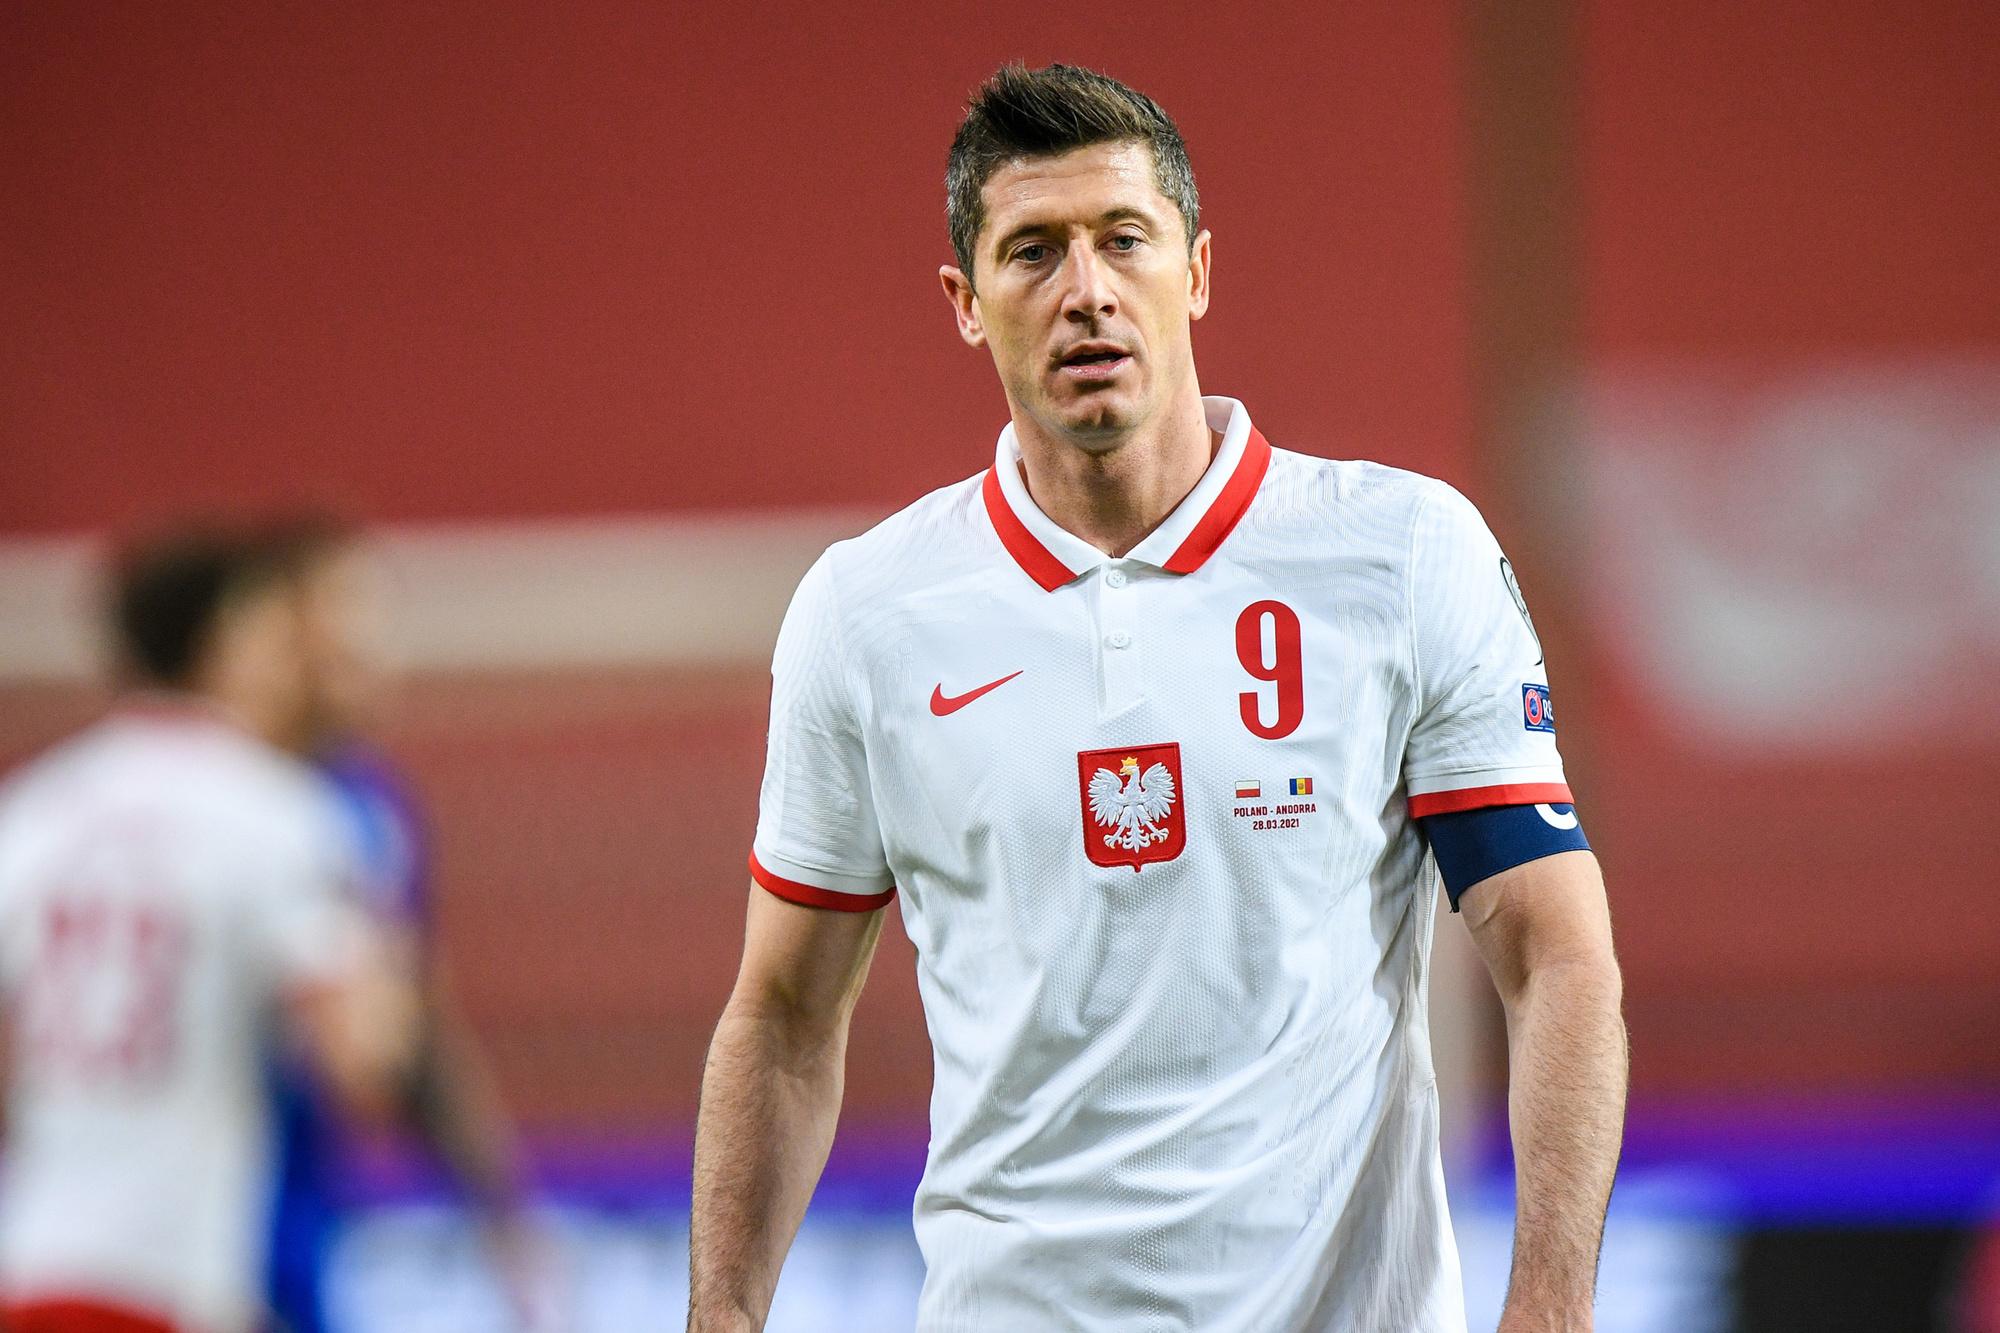 Er is één man naar wie iedereen zal kijken bij Polen: Robert Lewandowski, GETTY